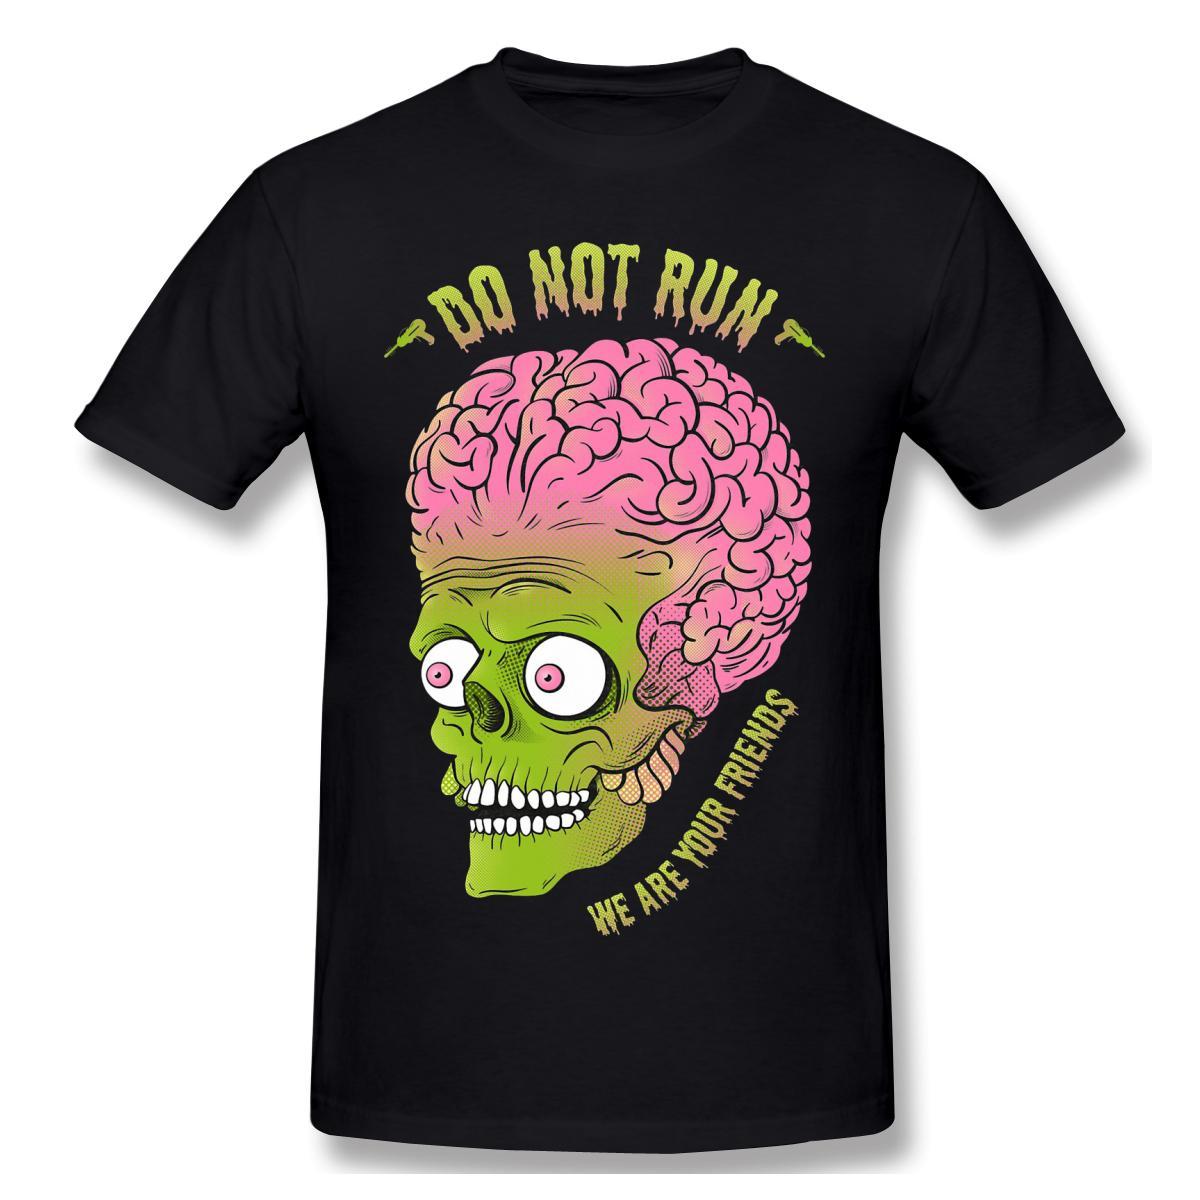 alien T-Shirts Hauts T-shirts en coton Humorous Amis de Mars T-shirts col rond Vêtements Livraison gratuite